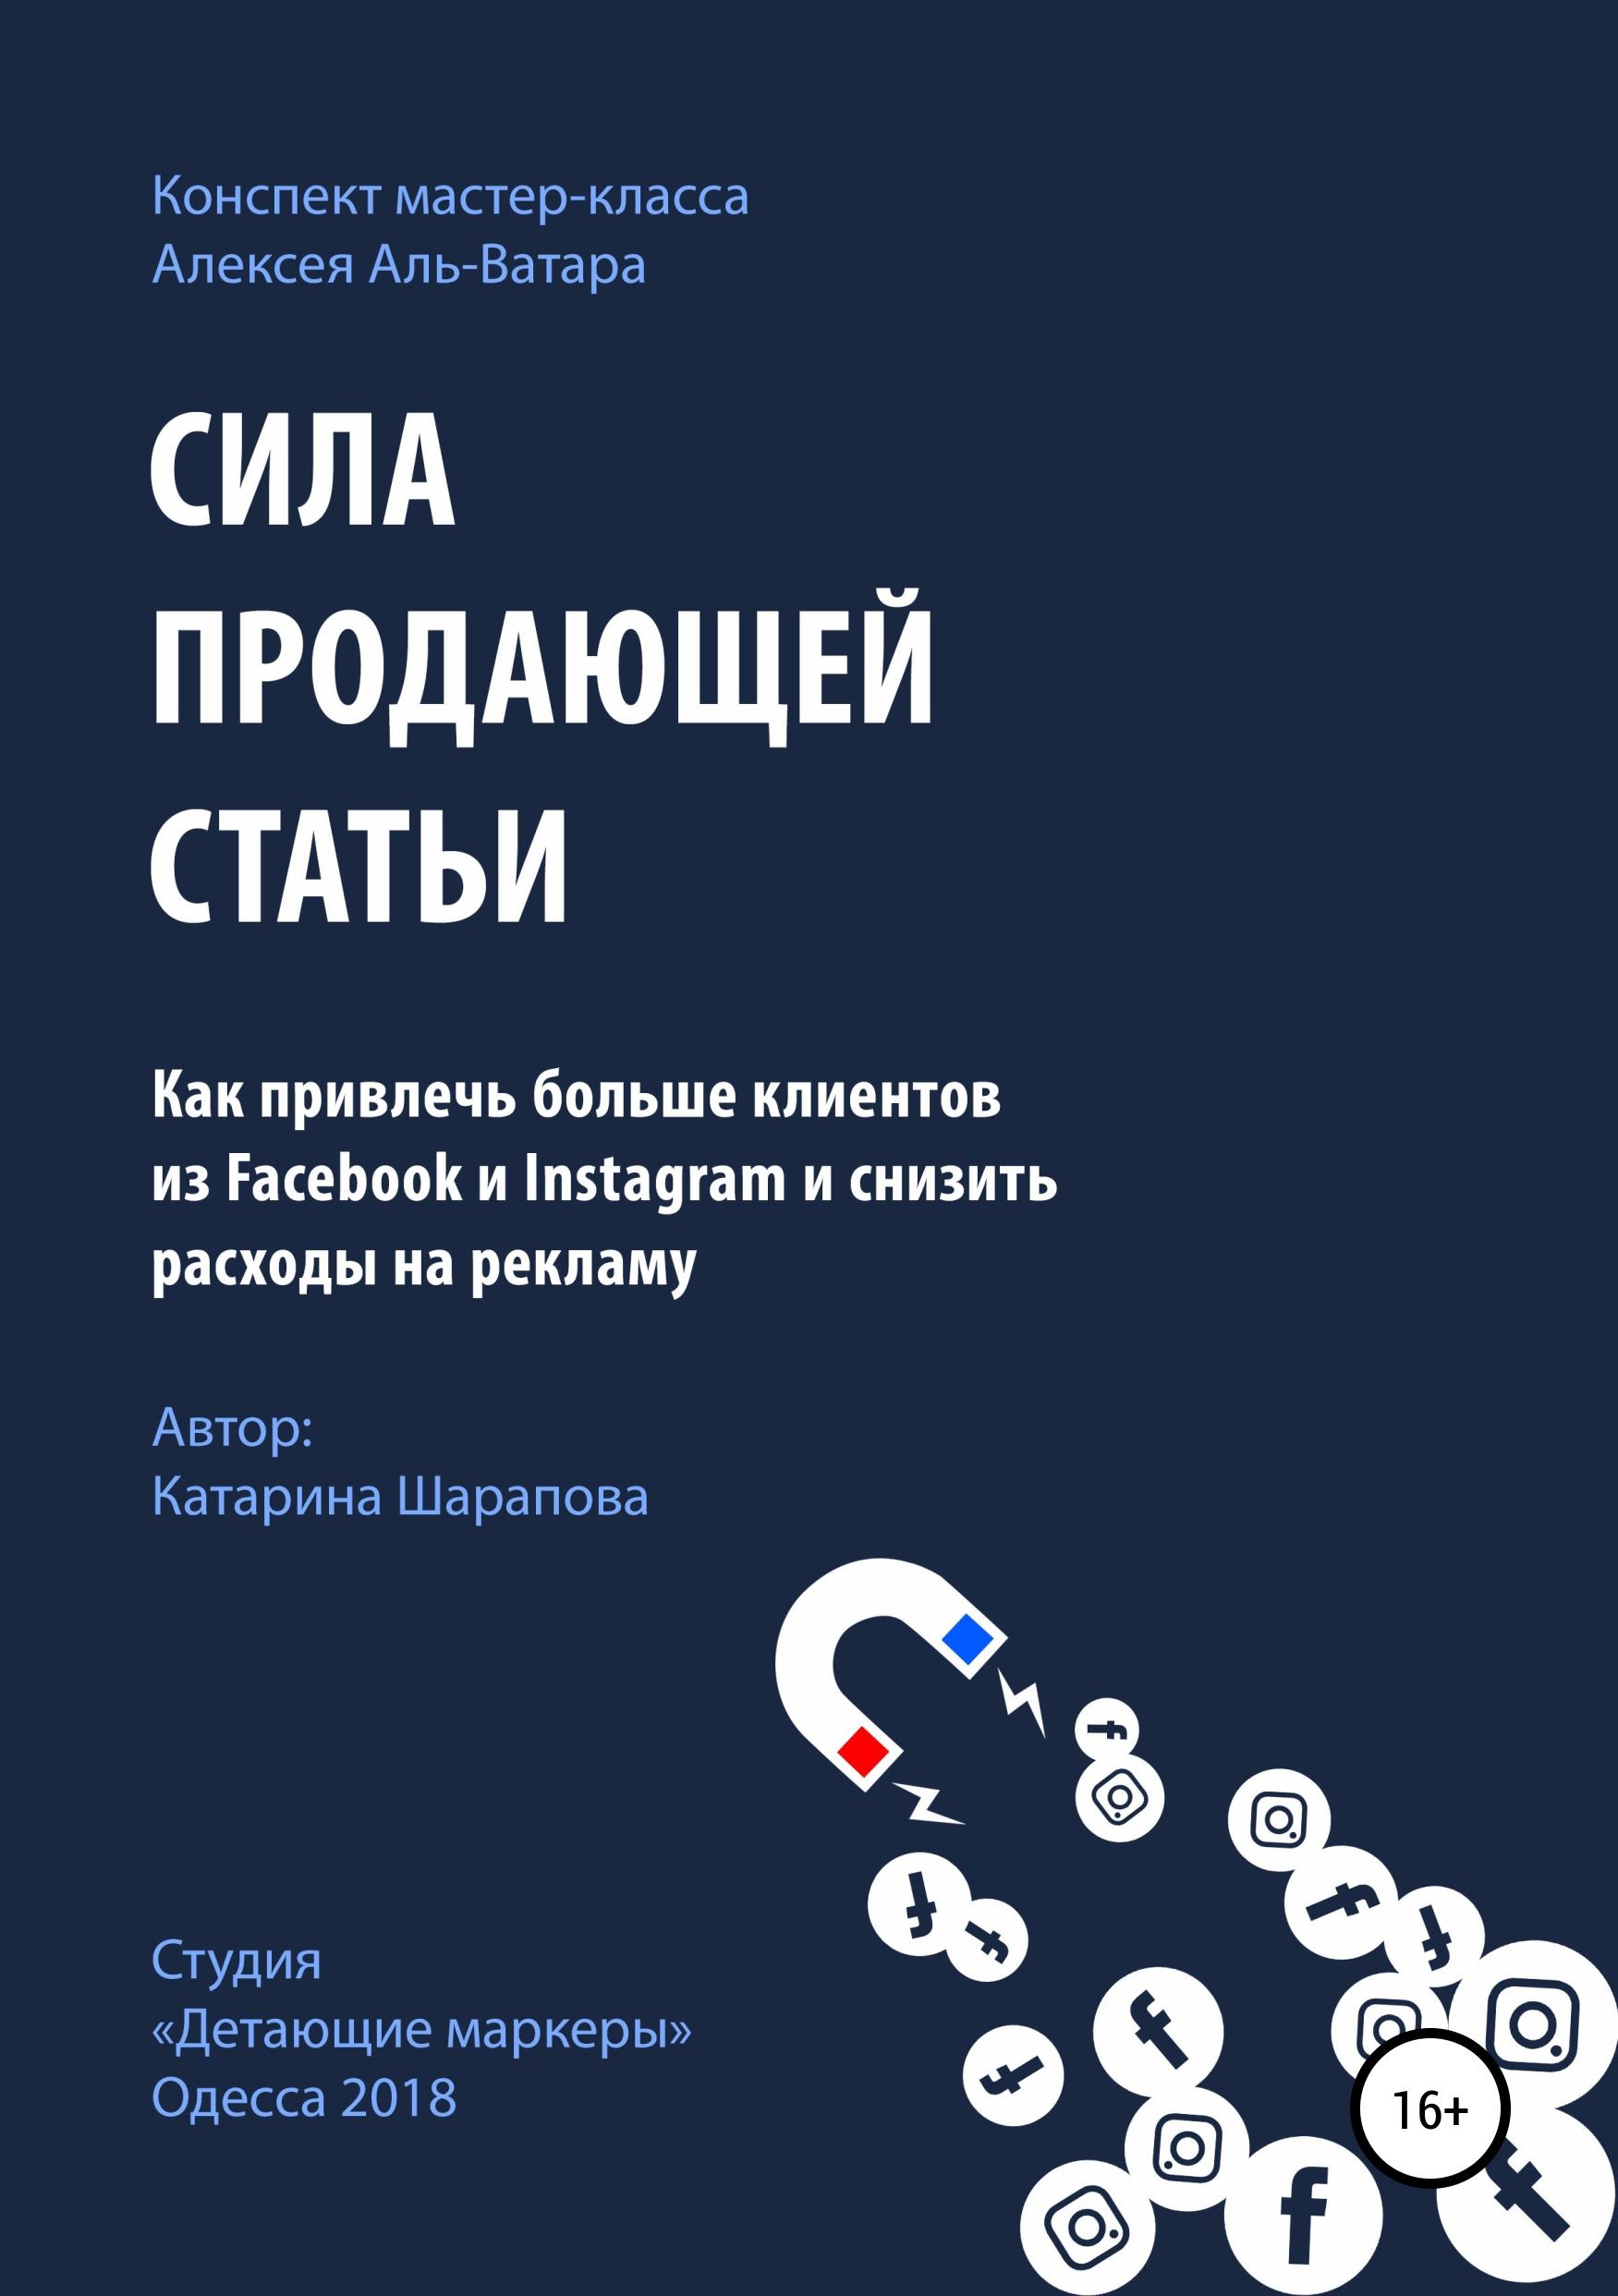 Катарина Шарапова, Алексей Аль-Ватар - Сила продающей статьи